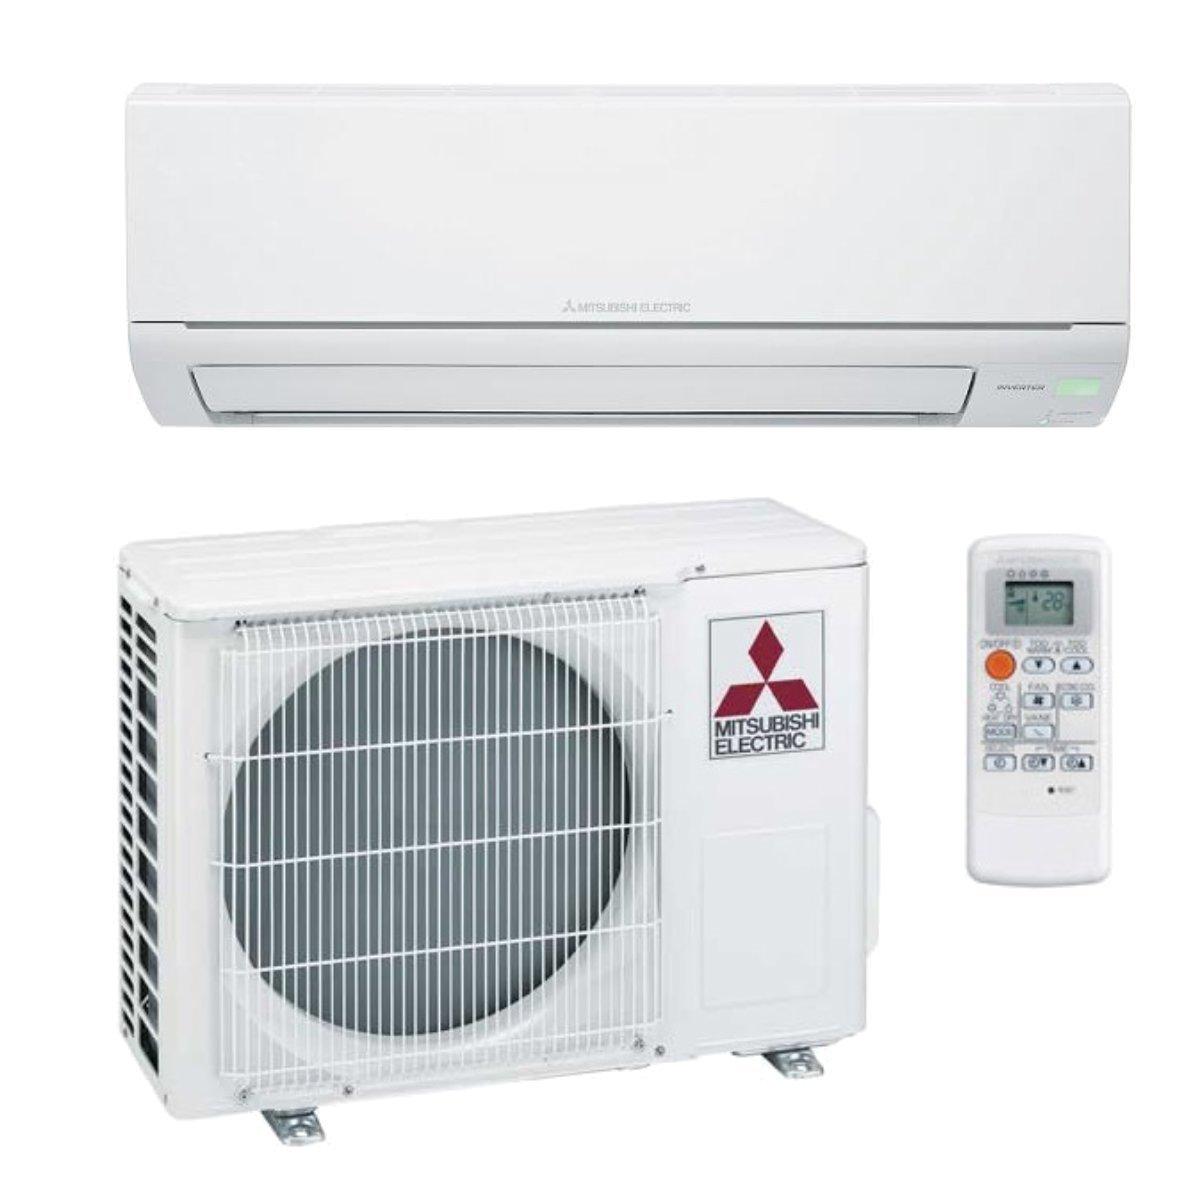 Recensione mitsubishi climatizzatore condizionatore for Climatizzatori amazon